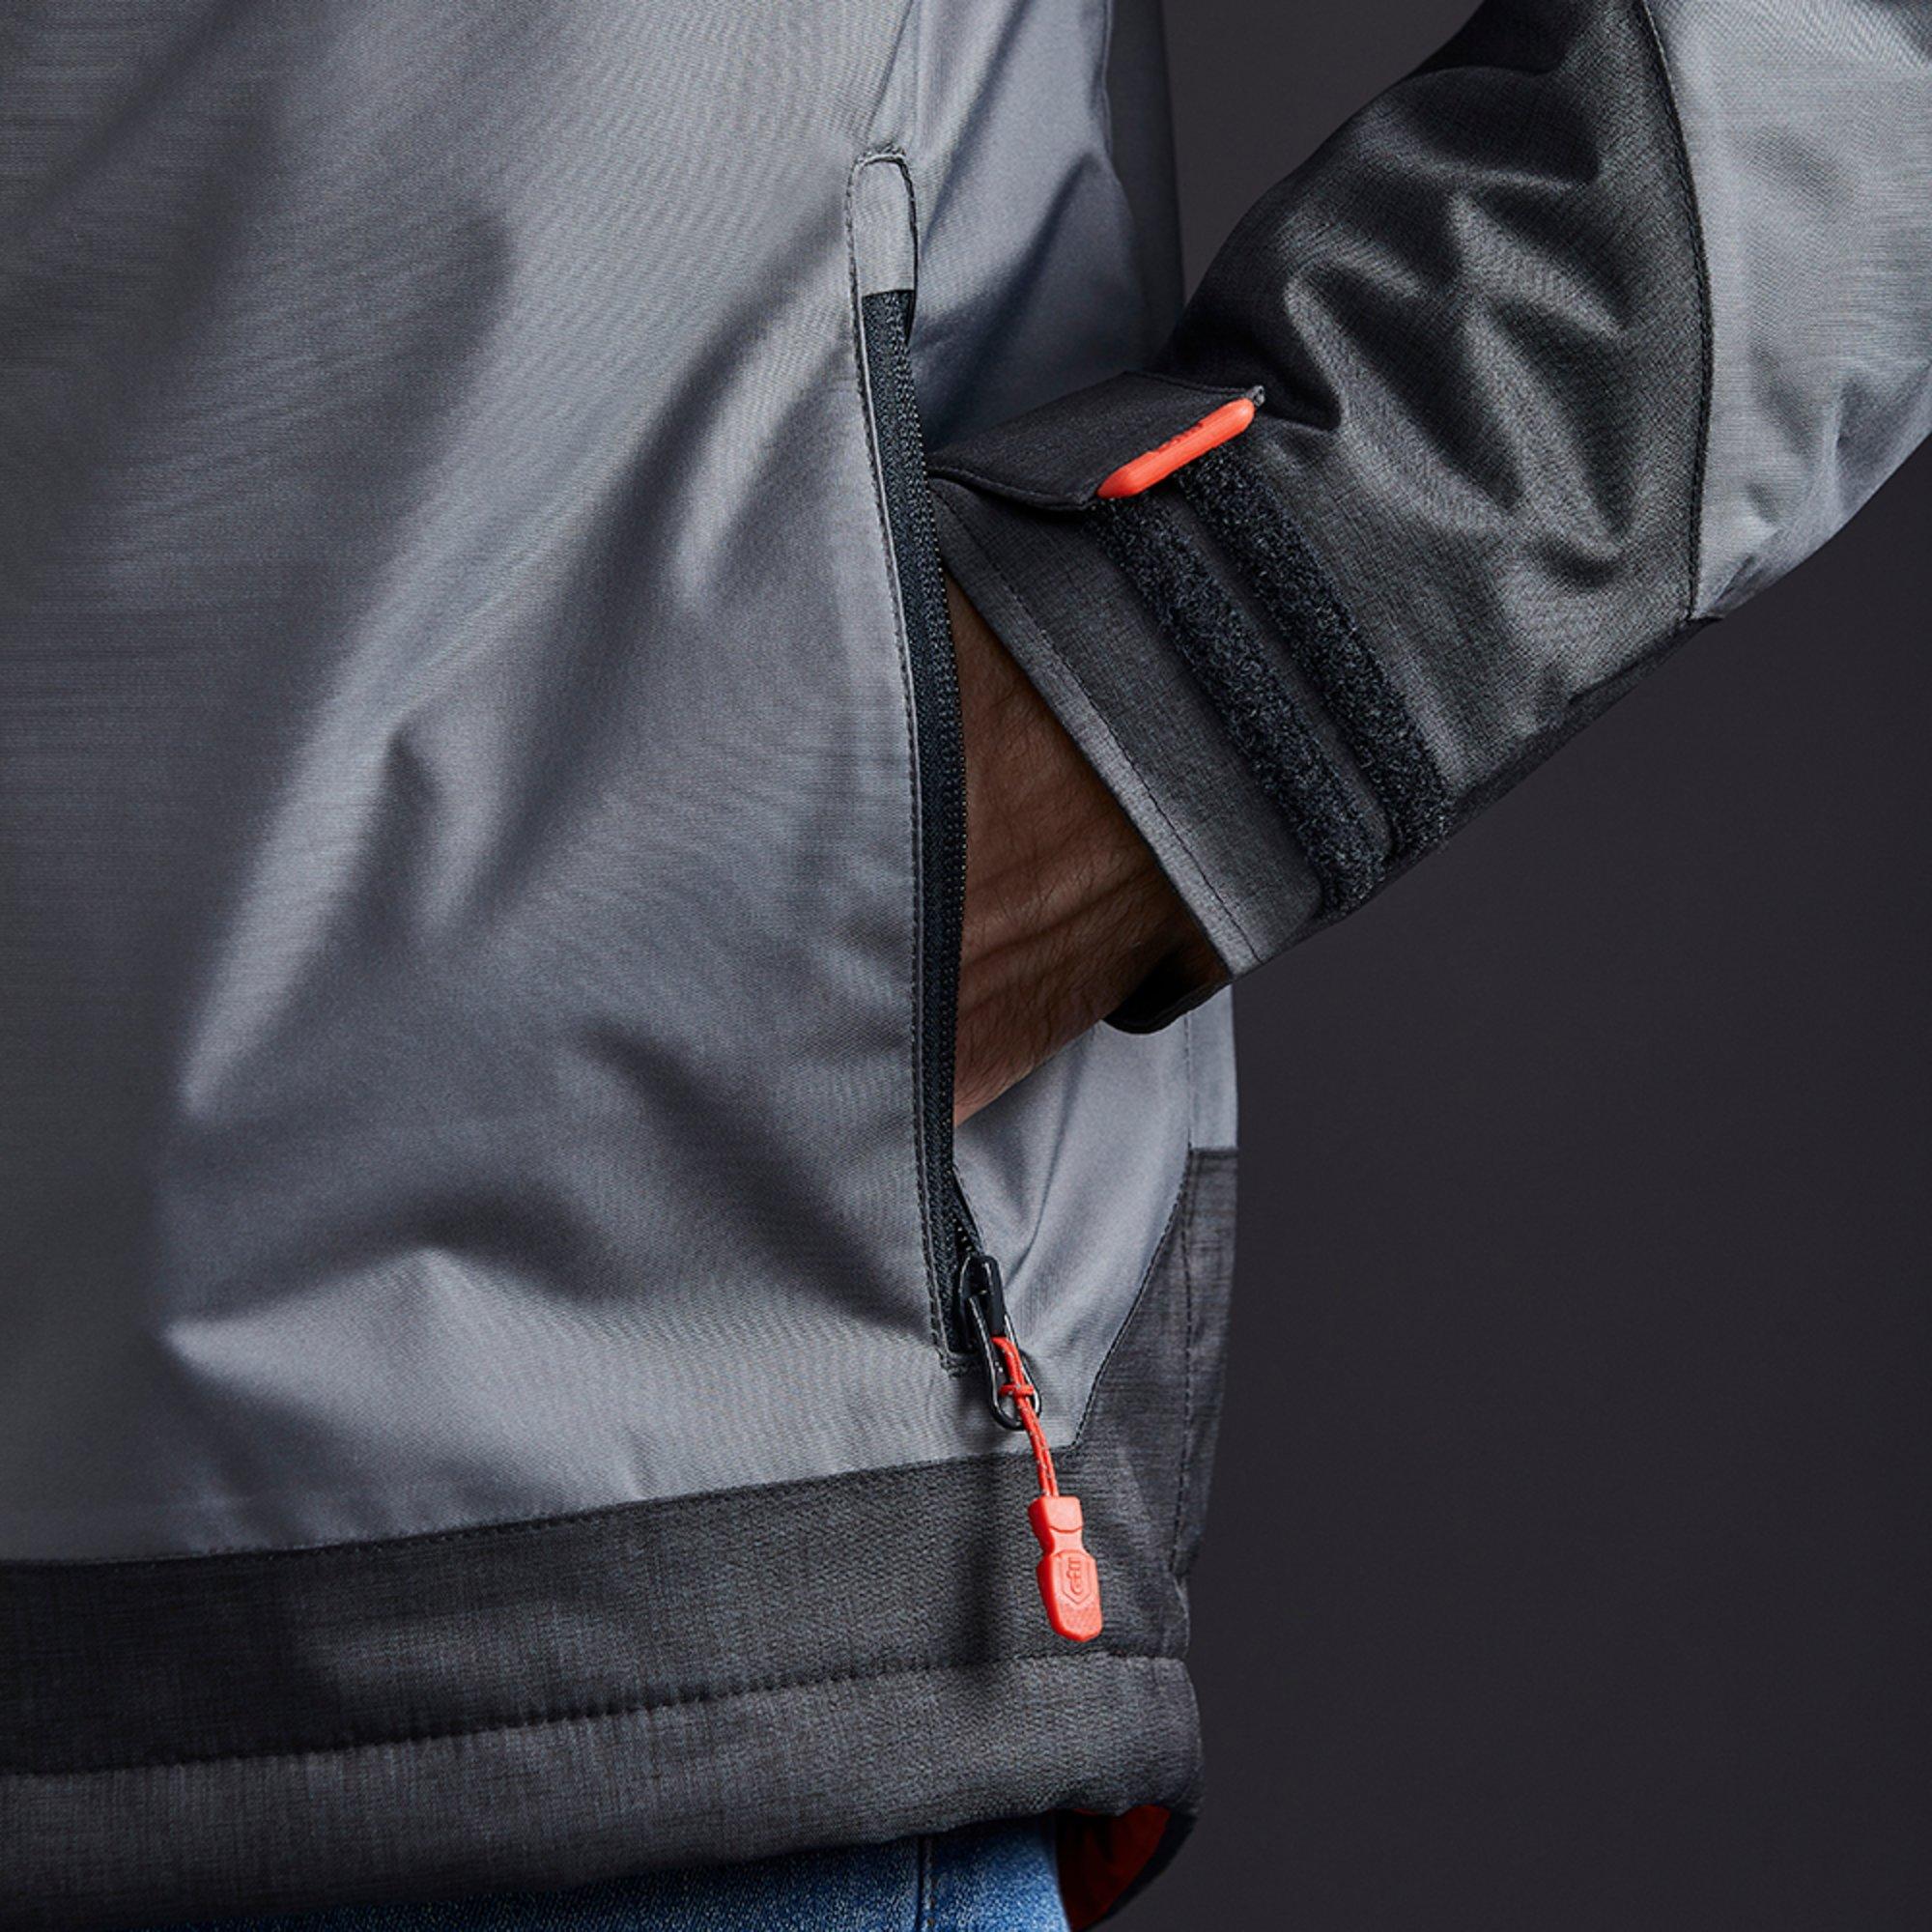 Kenton Jacket - IN85J-STE01-MODEL-6.jpg